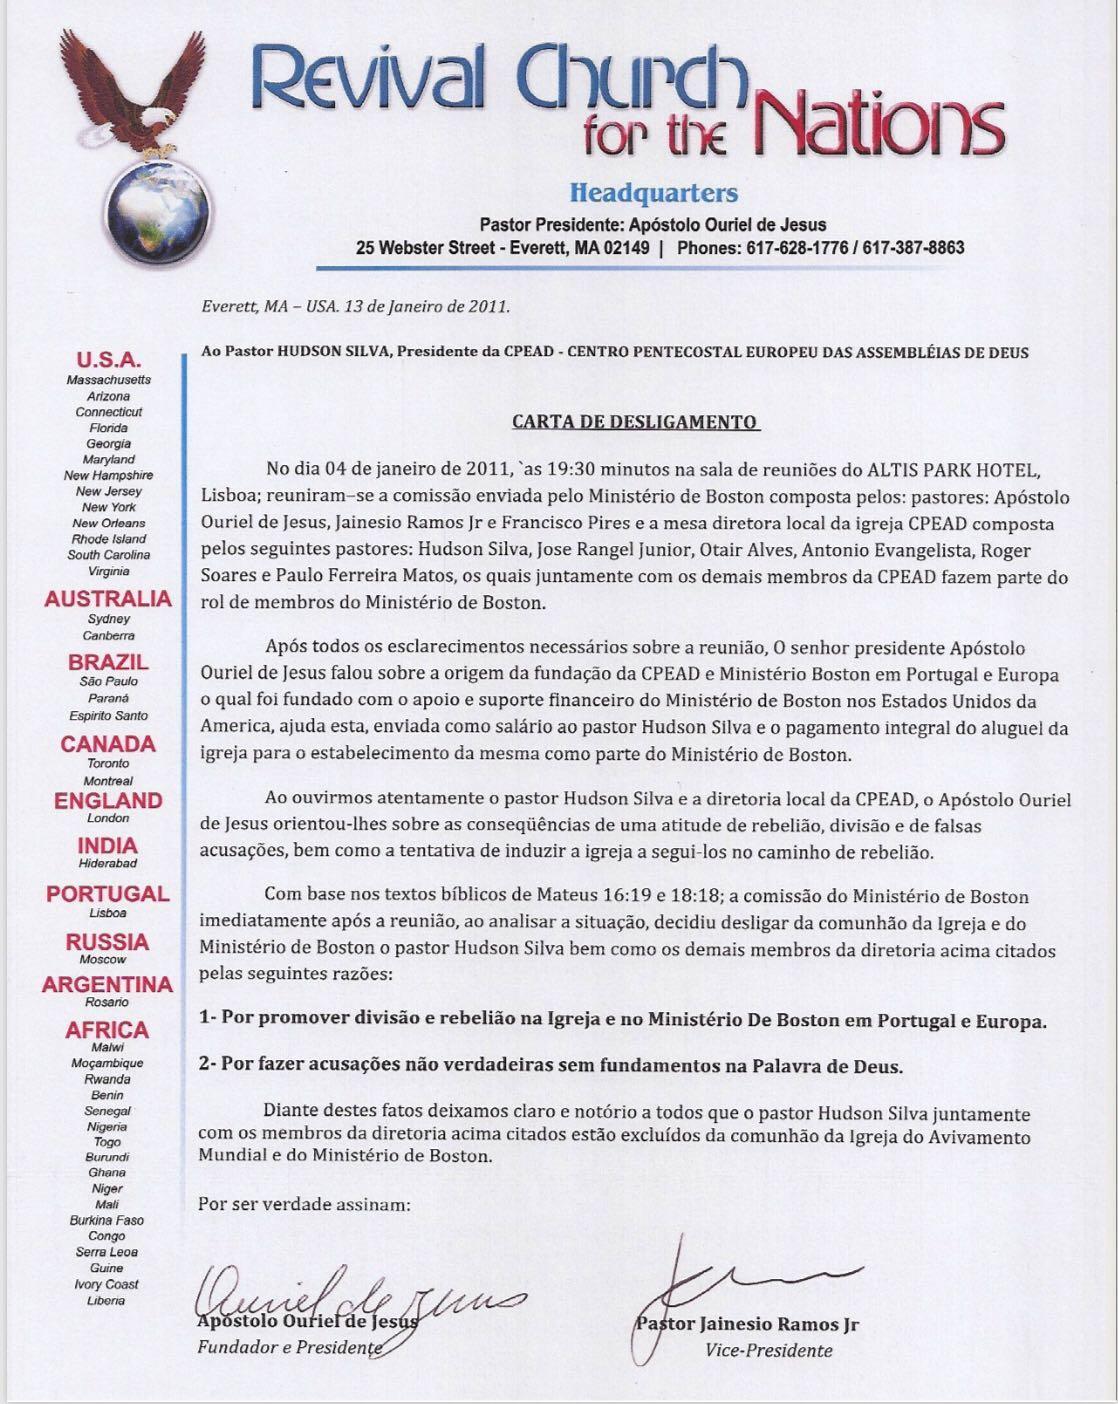 Carta de desligamento do pastor Hudson Silva